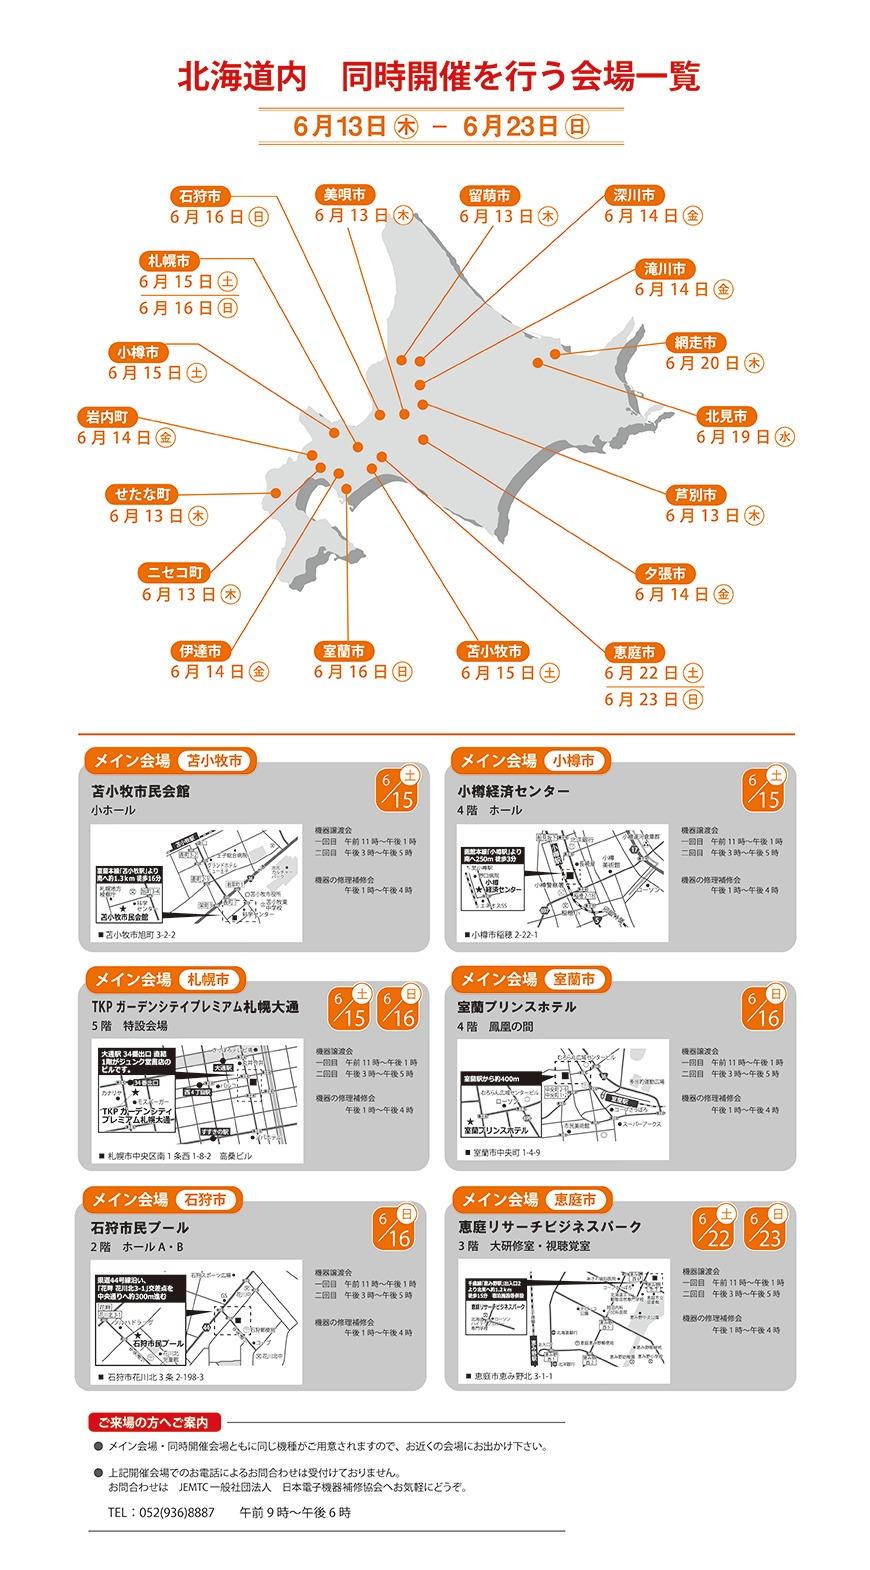 ジェムテクノートパソコン有償譲渡会in北海道_他開催会場